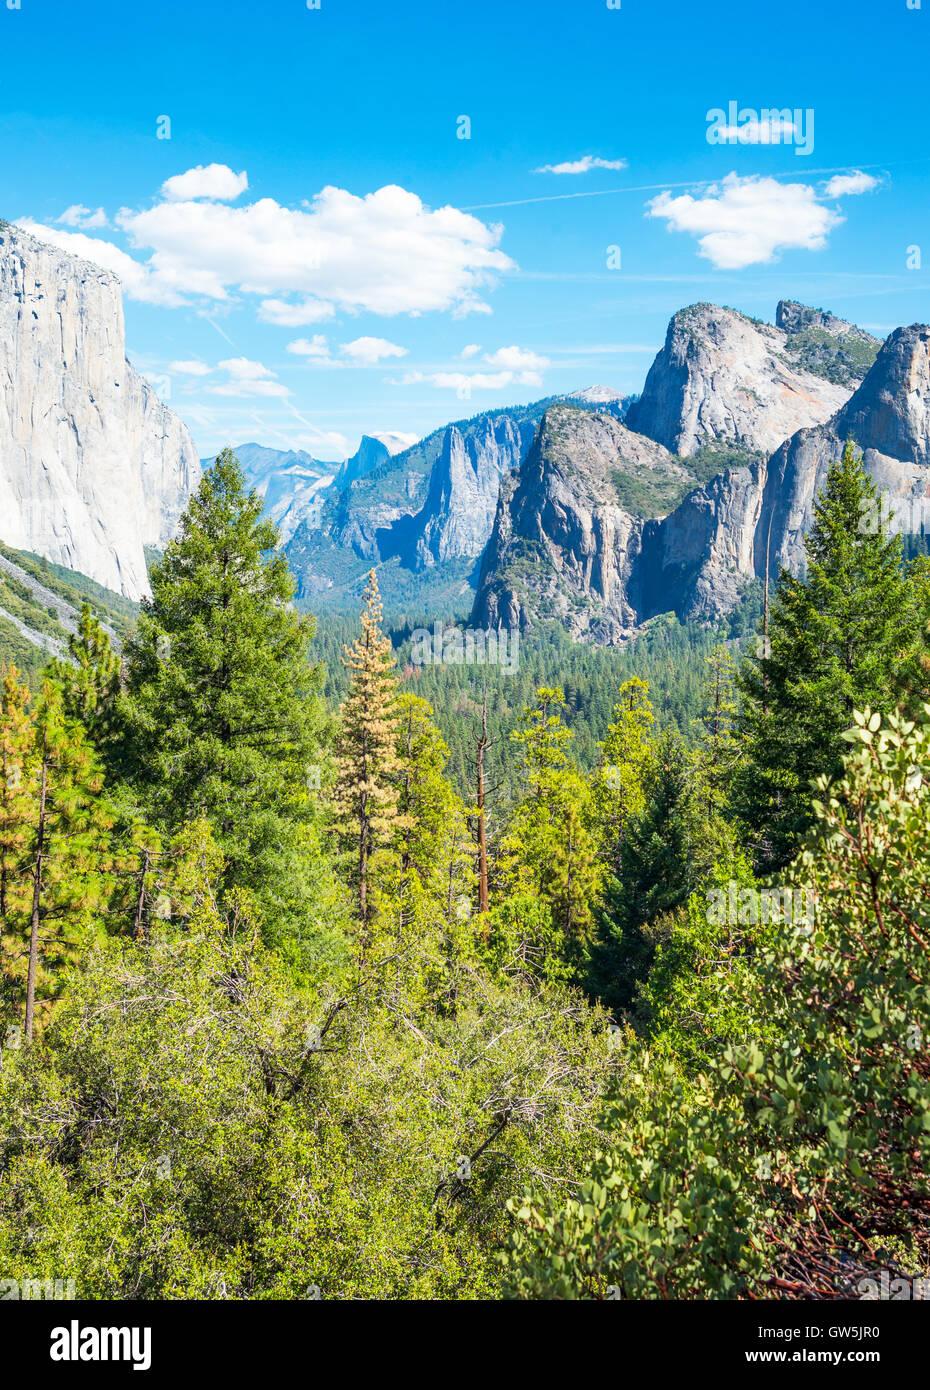 Yosemite National Park, Californie, vue panoramique de la vallée avec le El Capitan et la cathédrale Spires montagne Banque D'Images